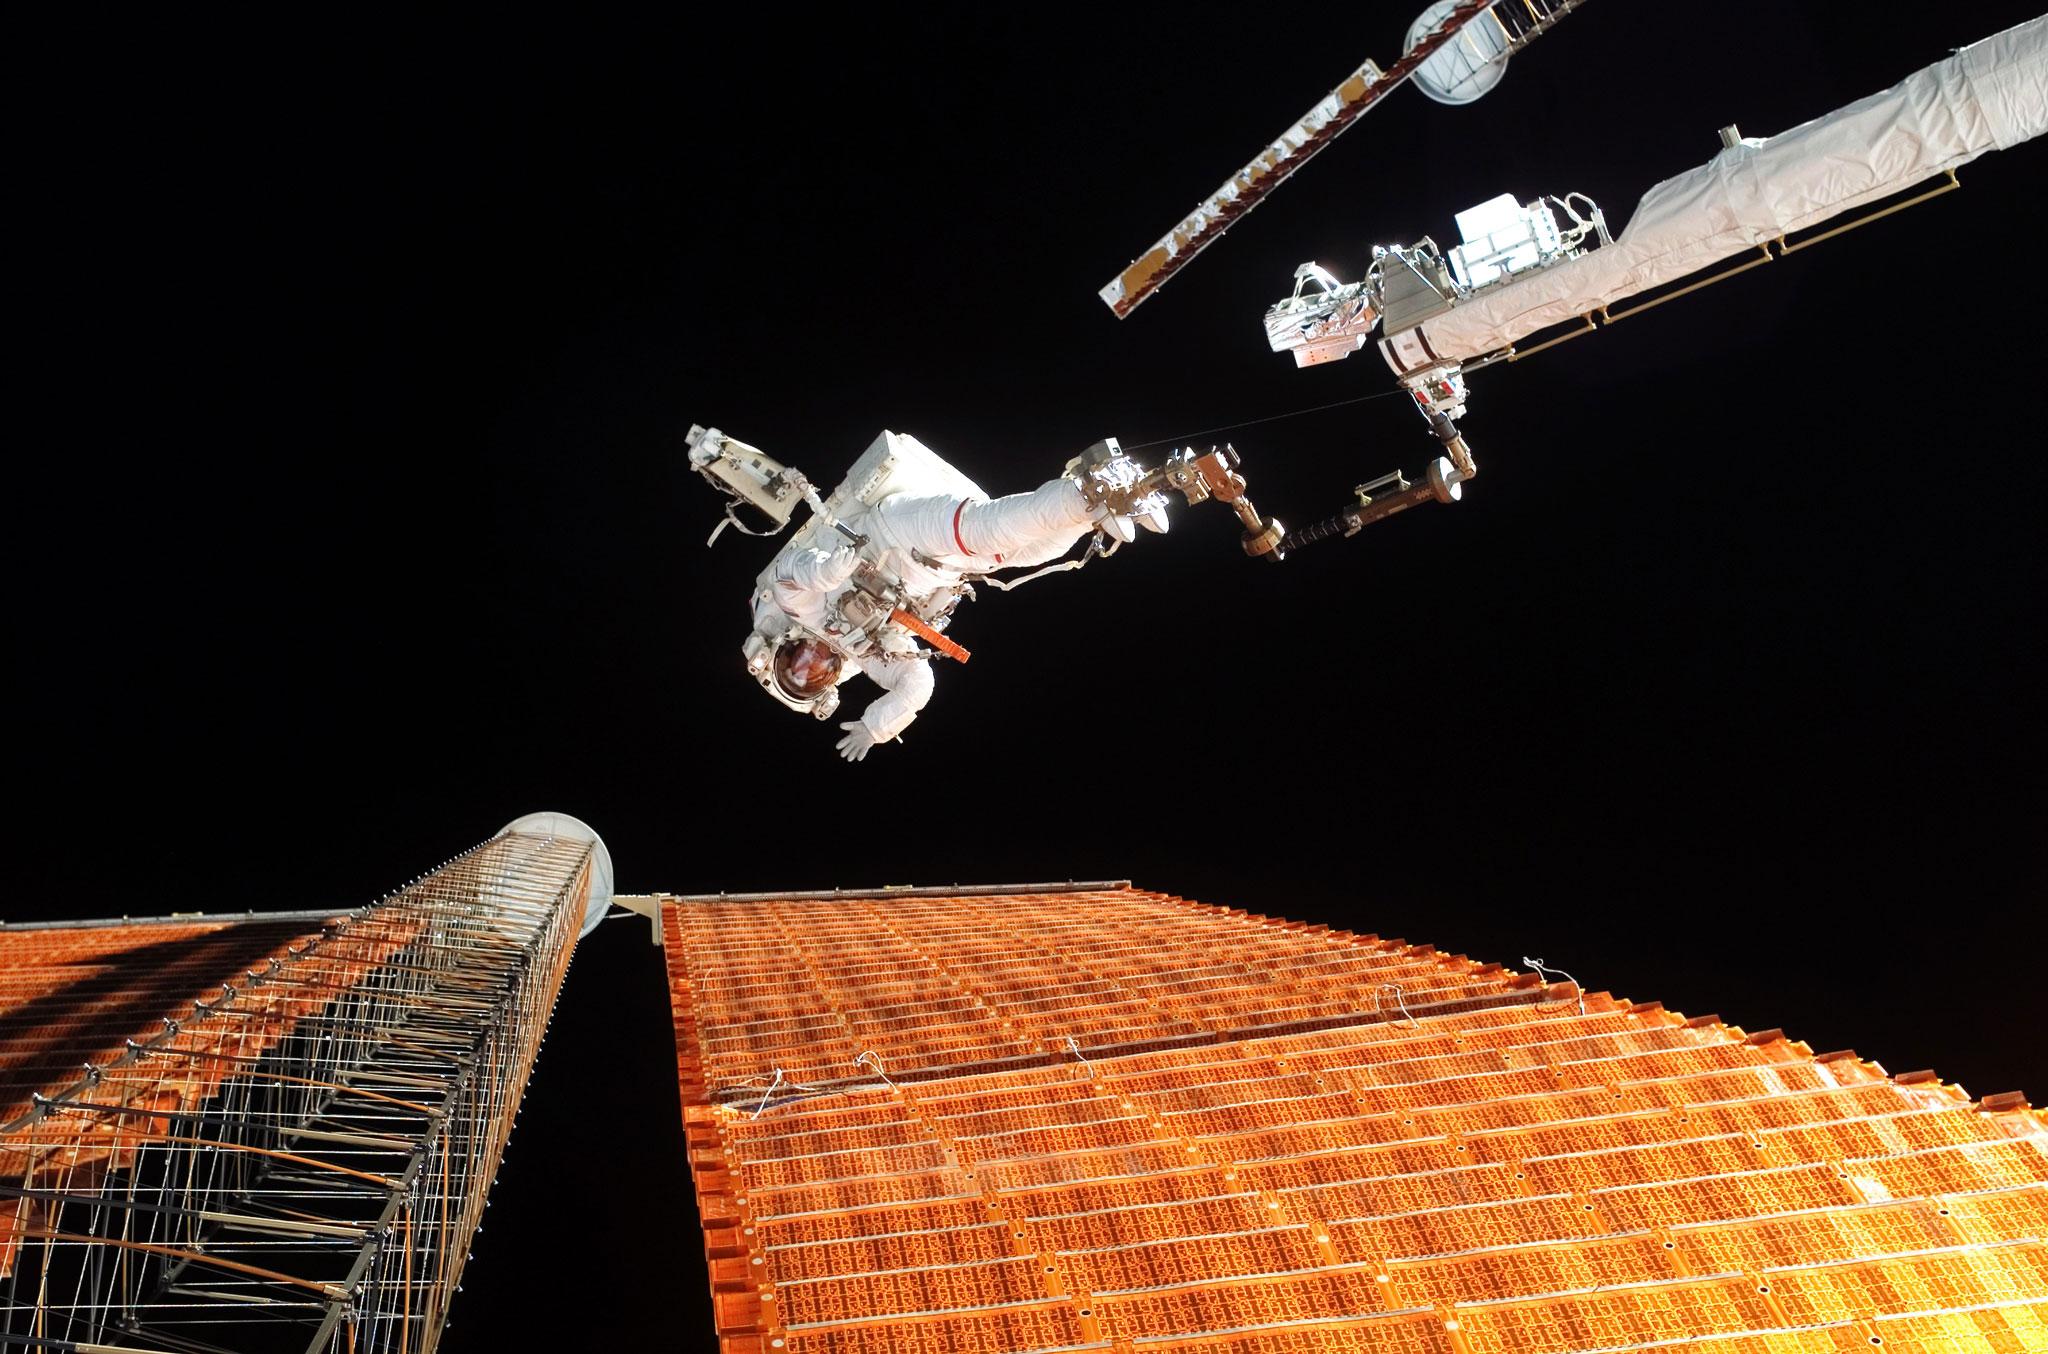 راهپیمایی فضایی در کنار آرایههای خورشیدی